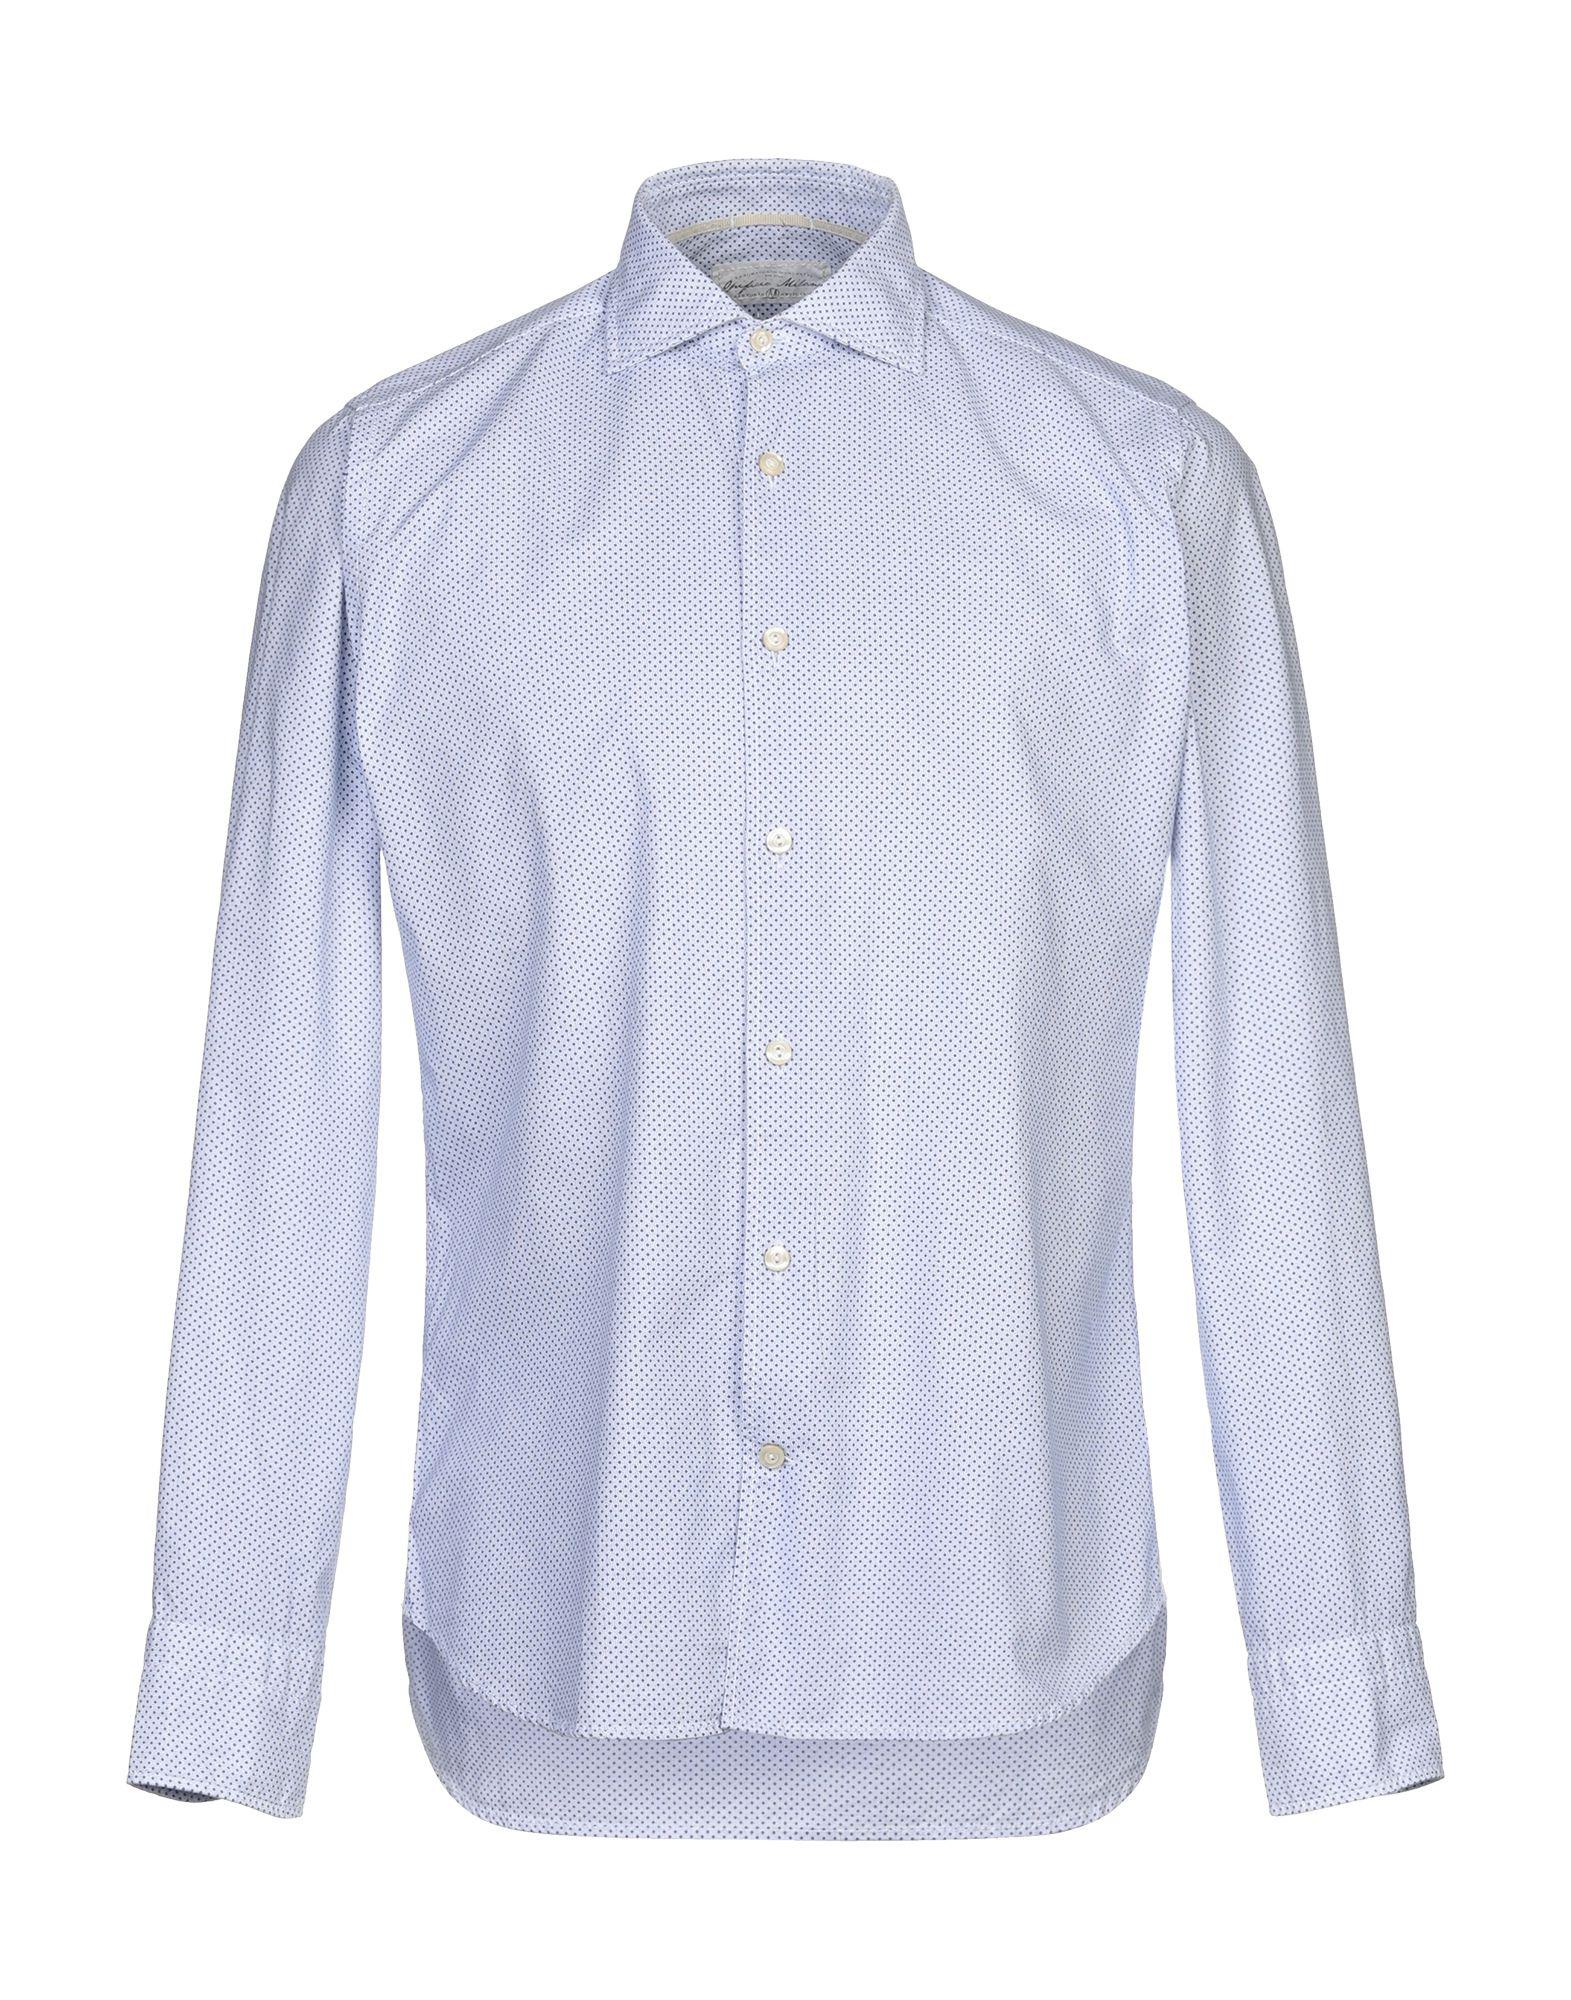 《セール開催中》OPIFICIO MILANO M メンズ シャツ アジュールブルー 39 コットン 100%